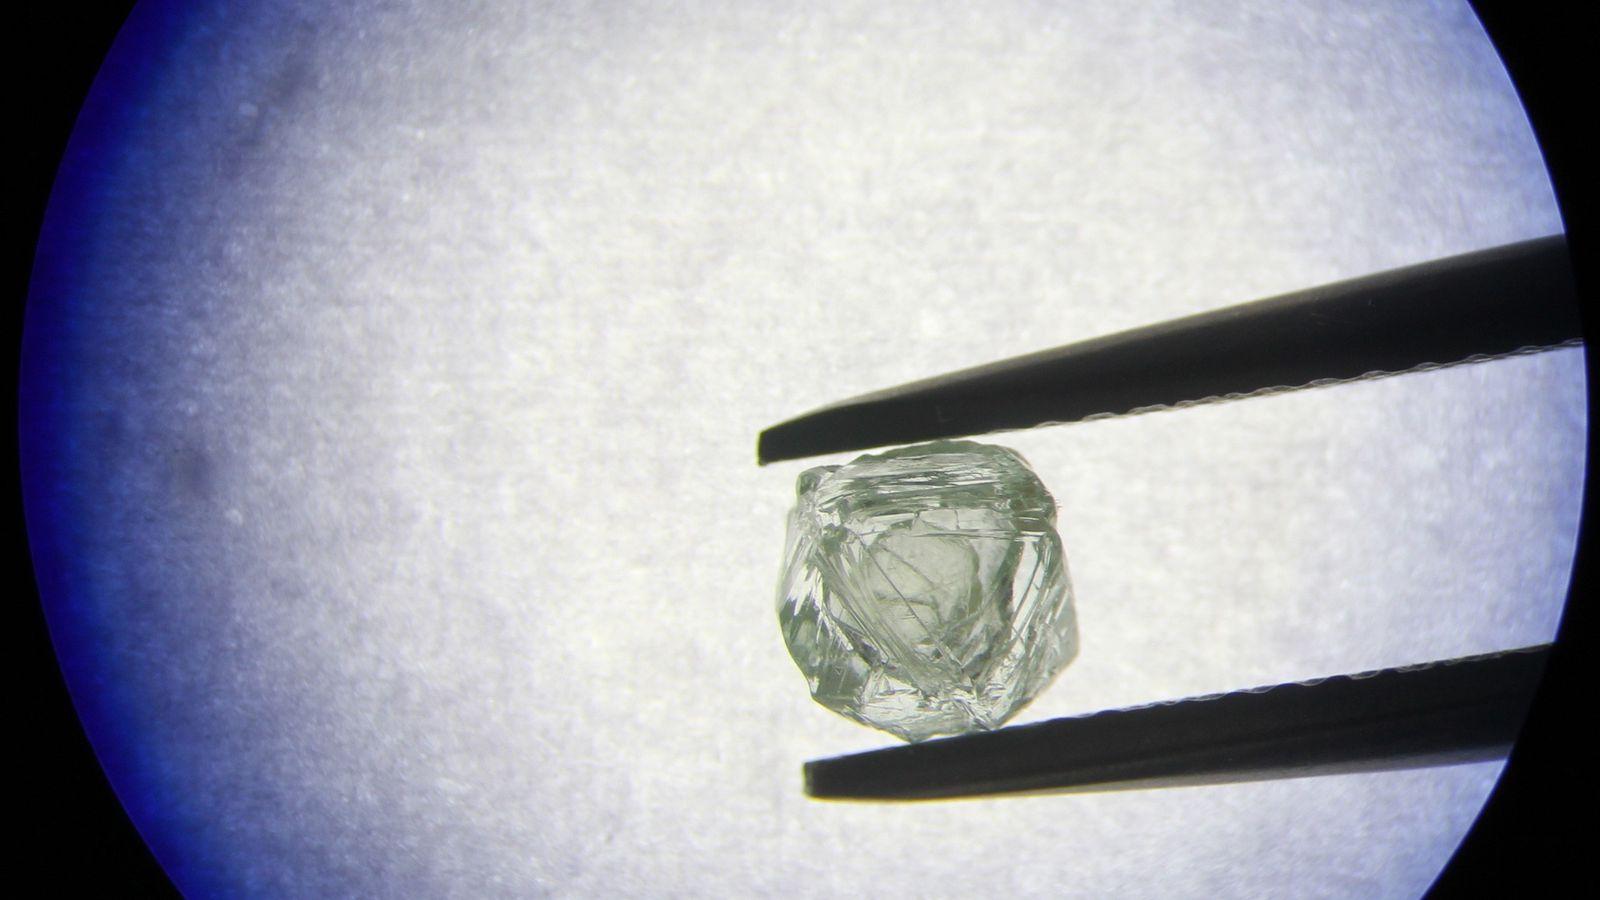 Foi descoberto pela primeira vez um diamante livremente solto dentro de outro diamante. Os cientistas estão ...